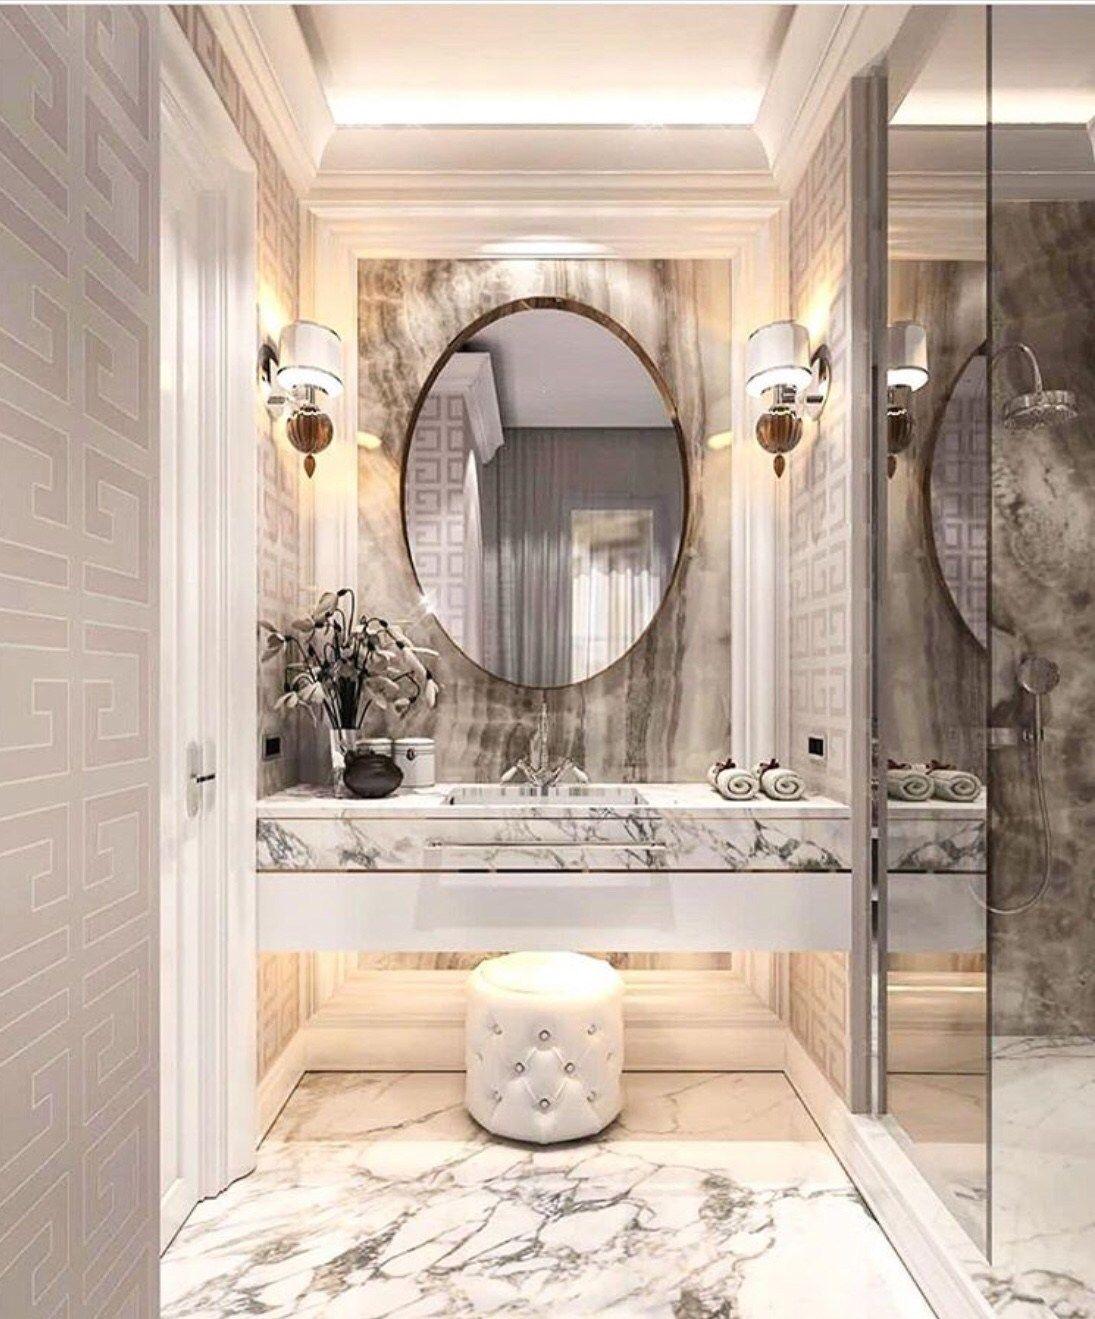 30 Luxury Bathroom Decor Ideas Luxury Bathroom Bathroom Decor Luxury Bathroom Design Luxury